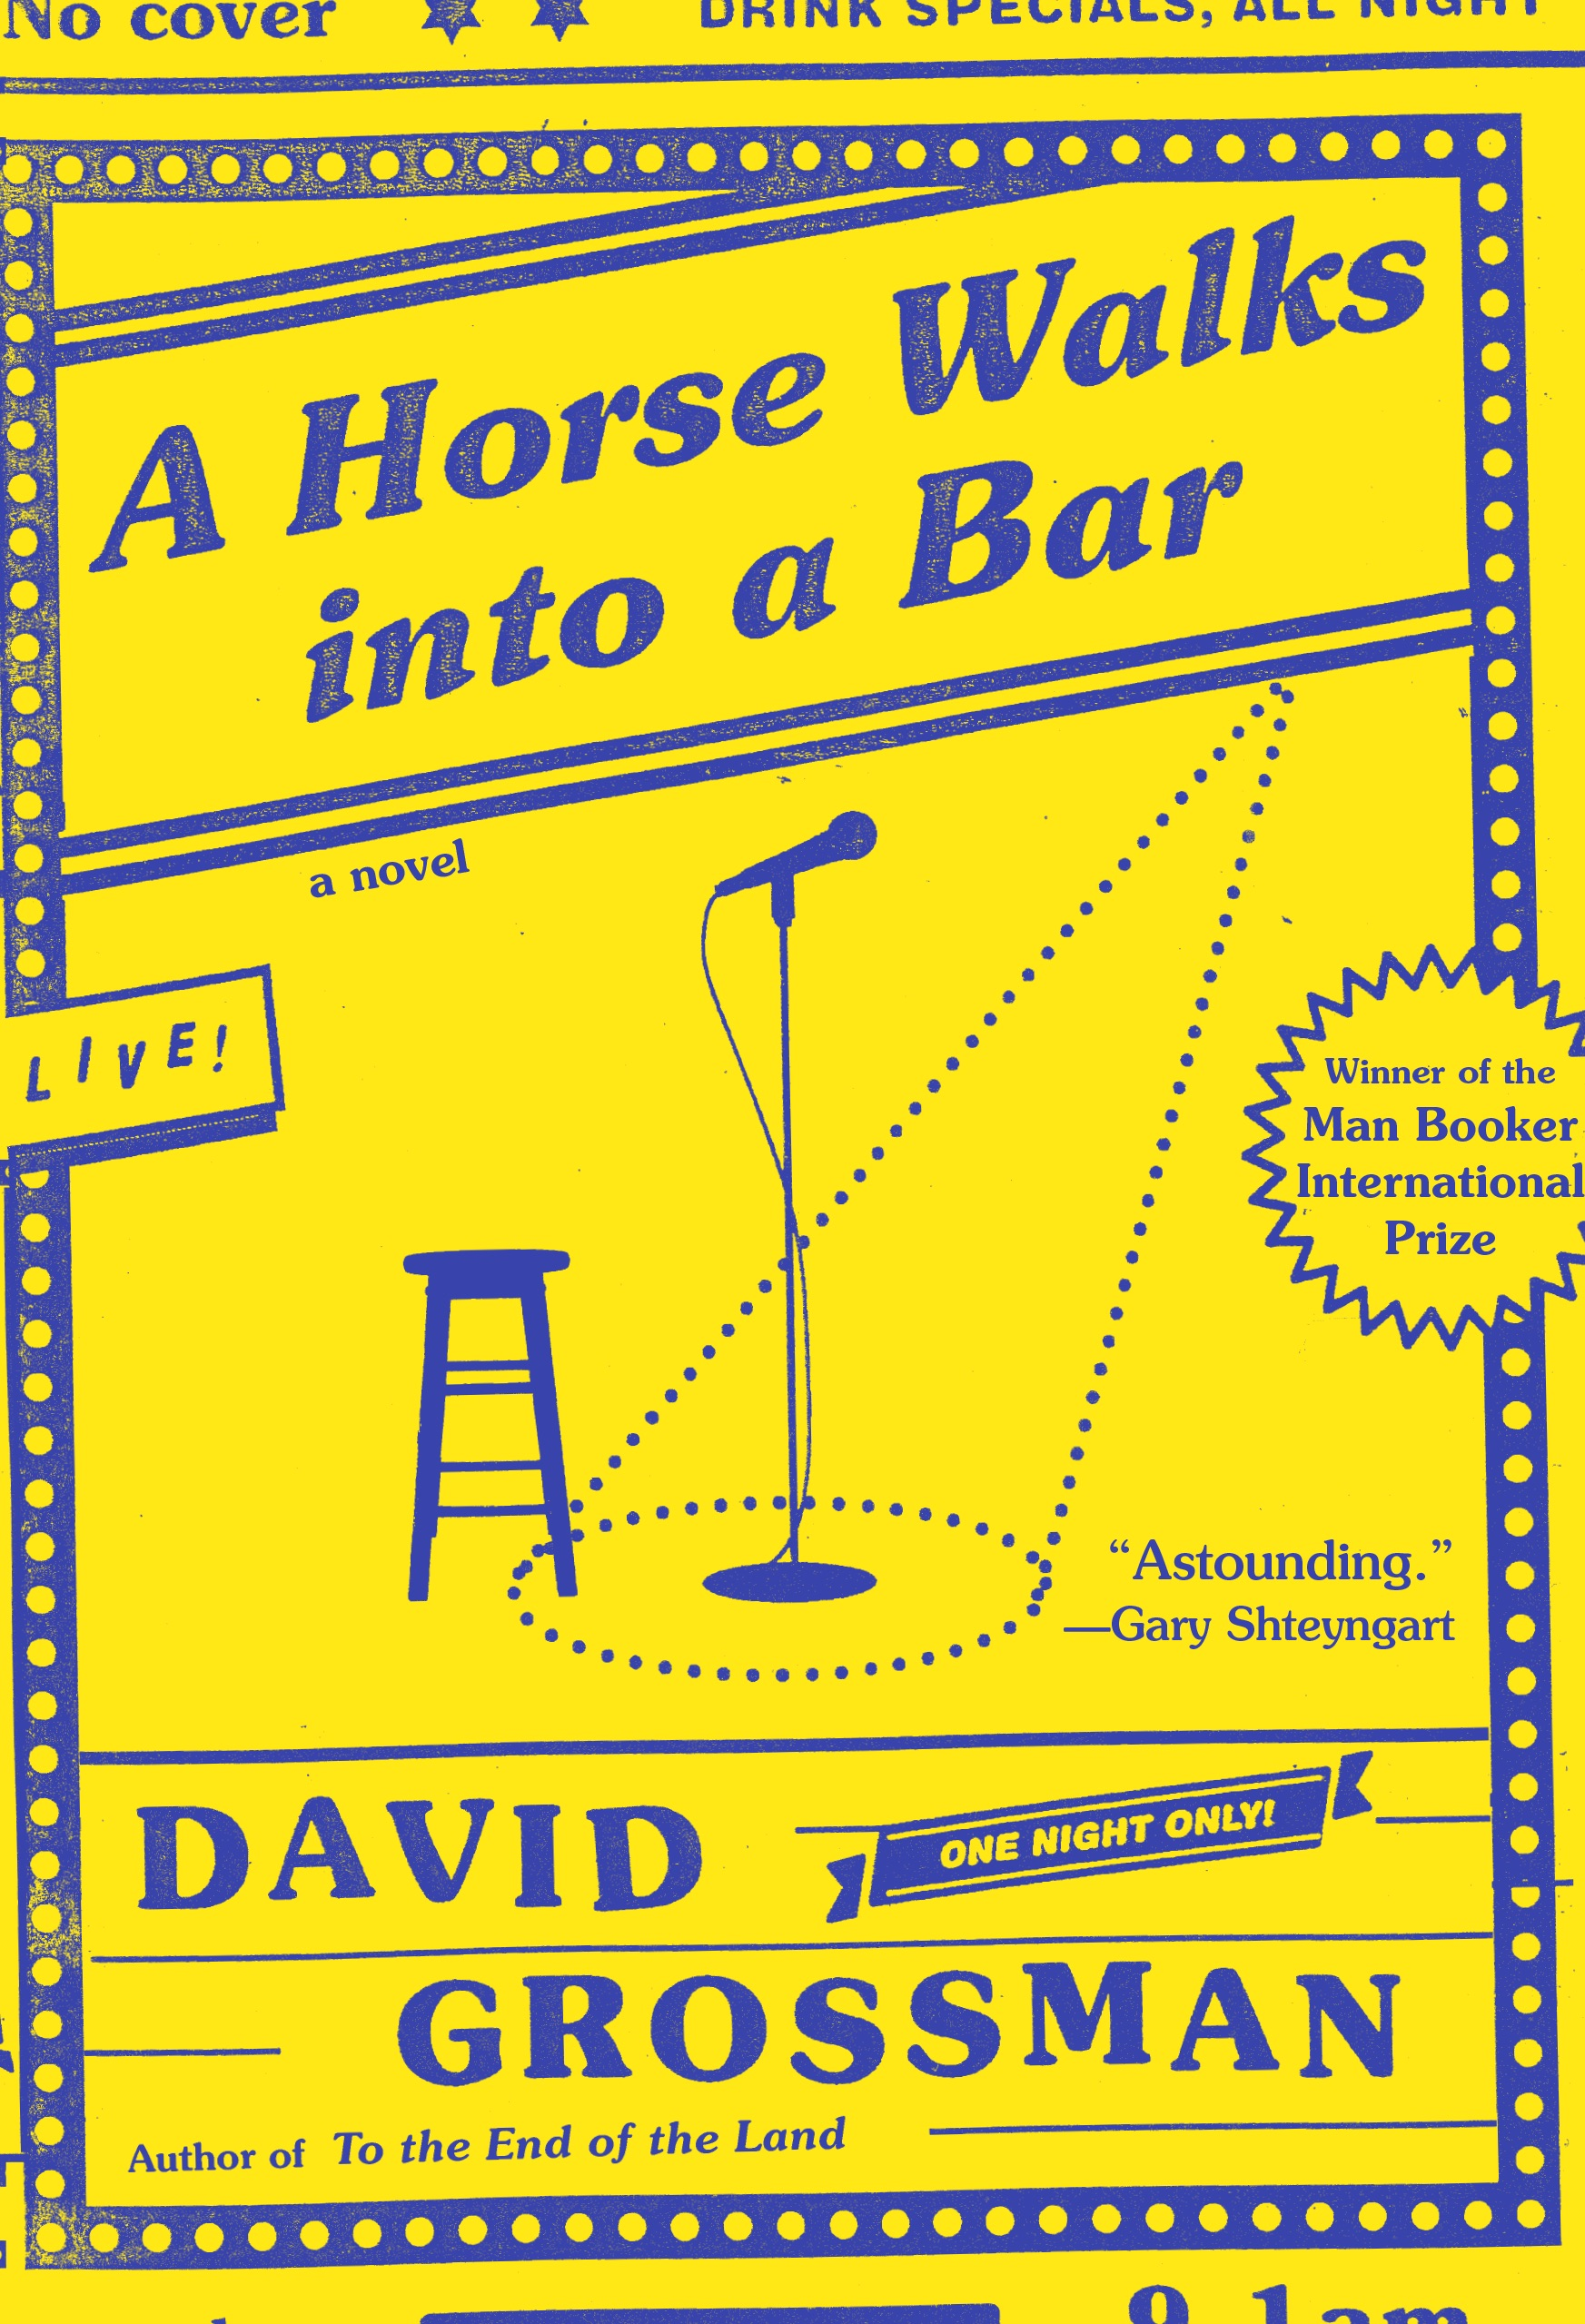 A Horse Walks into a Bar  by David Grossman  Winner of the Man Booker International Prize